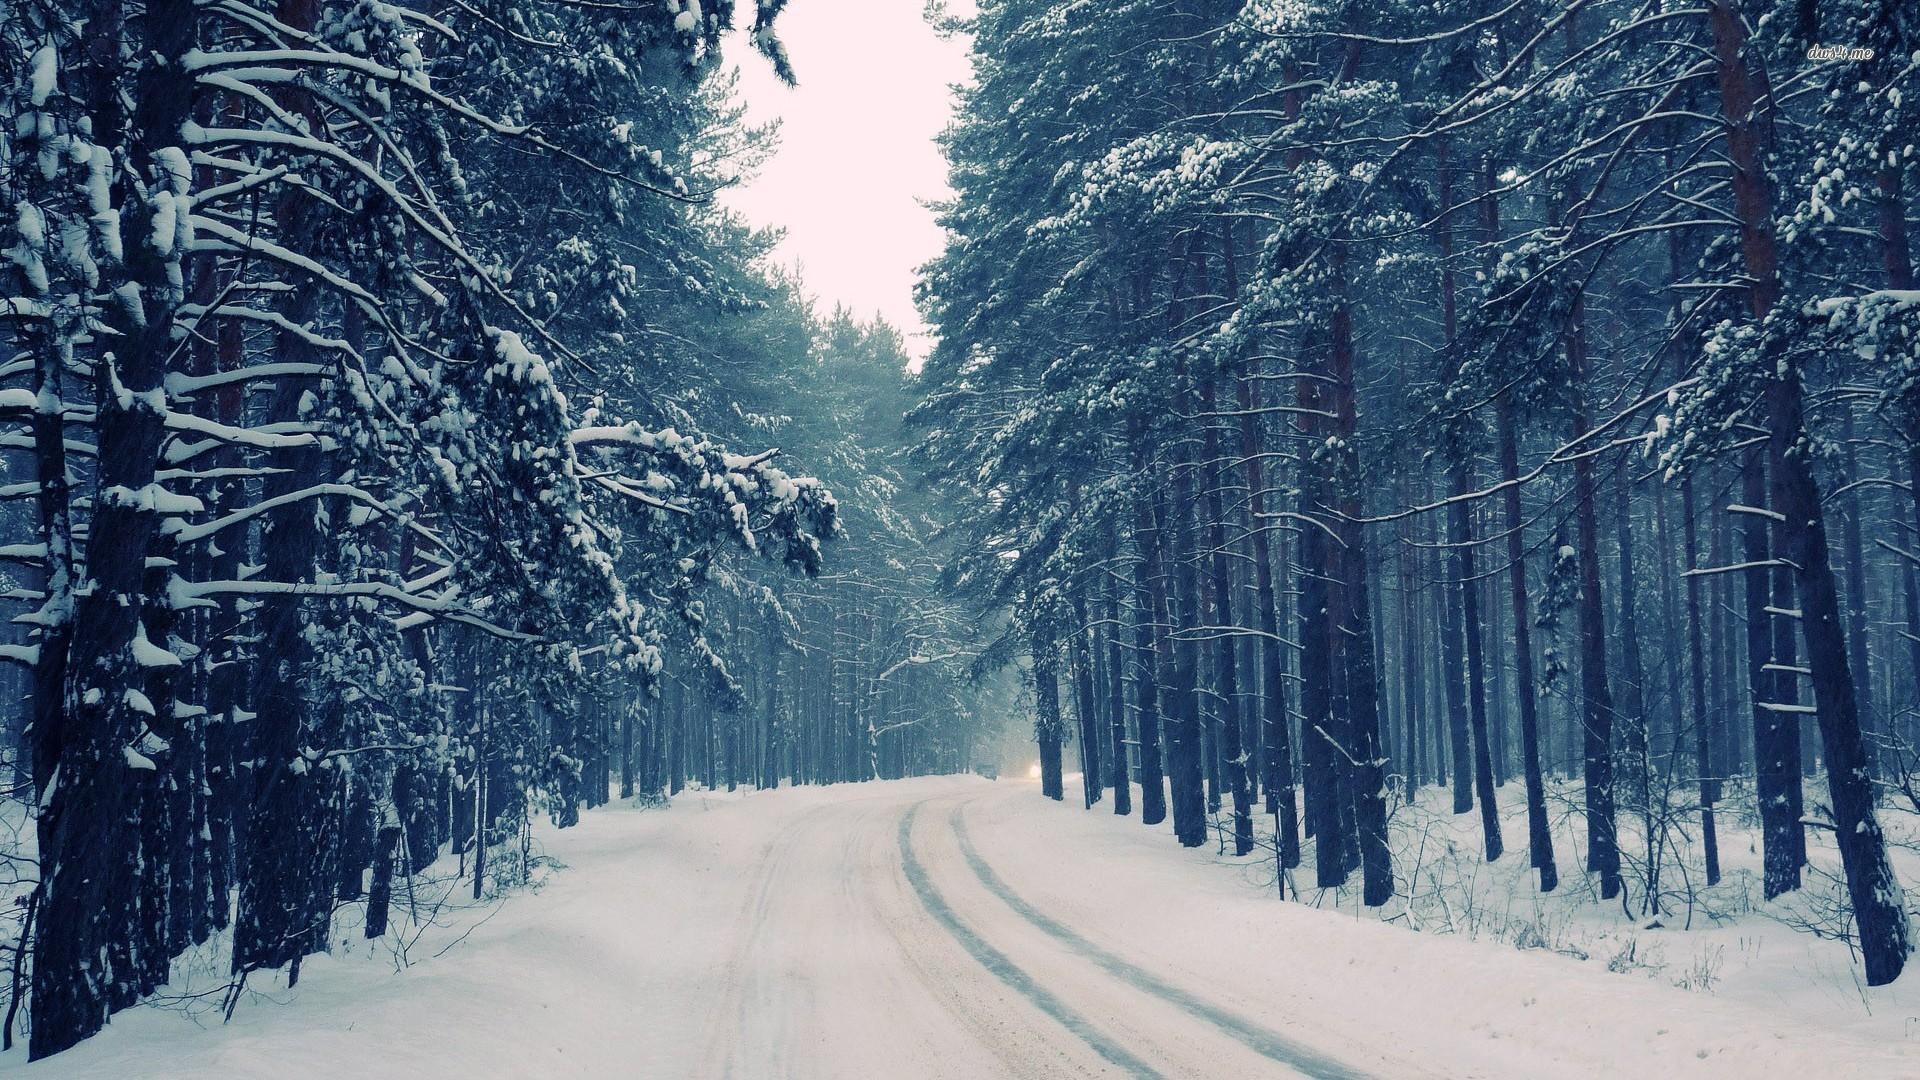 Snowy Forest Desktop Wallpaper